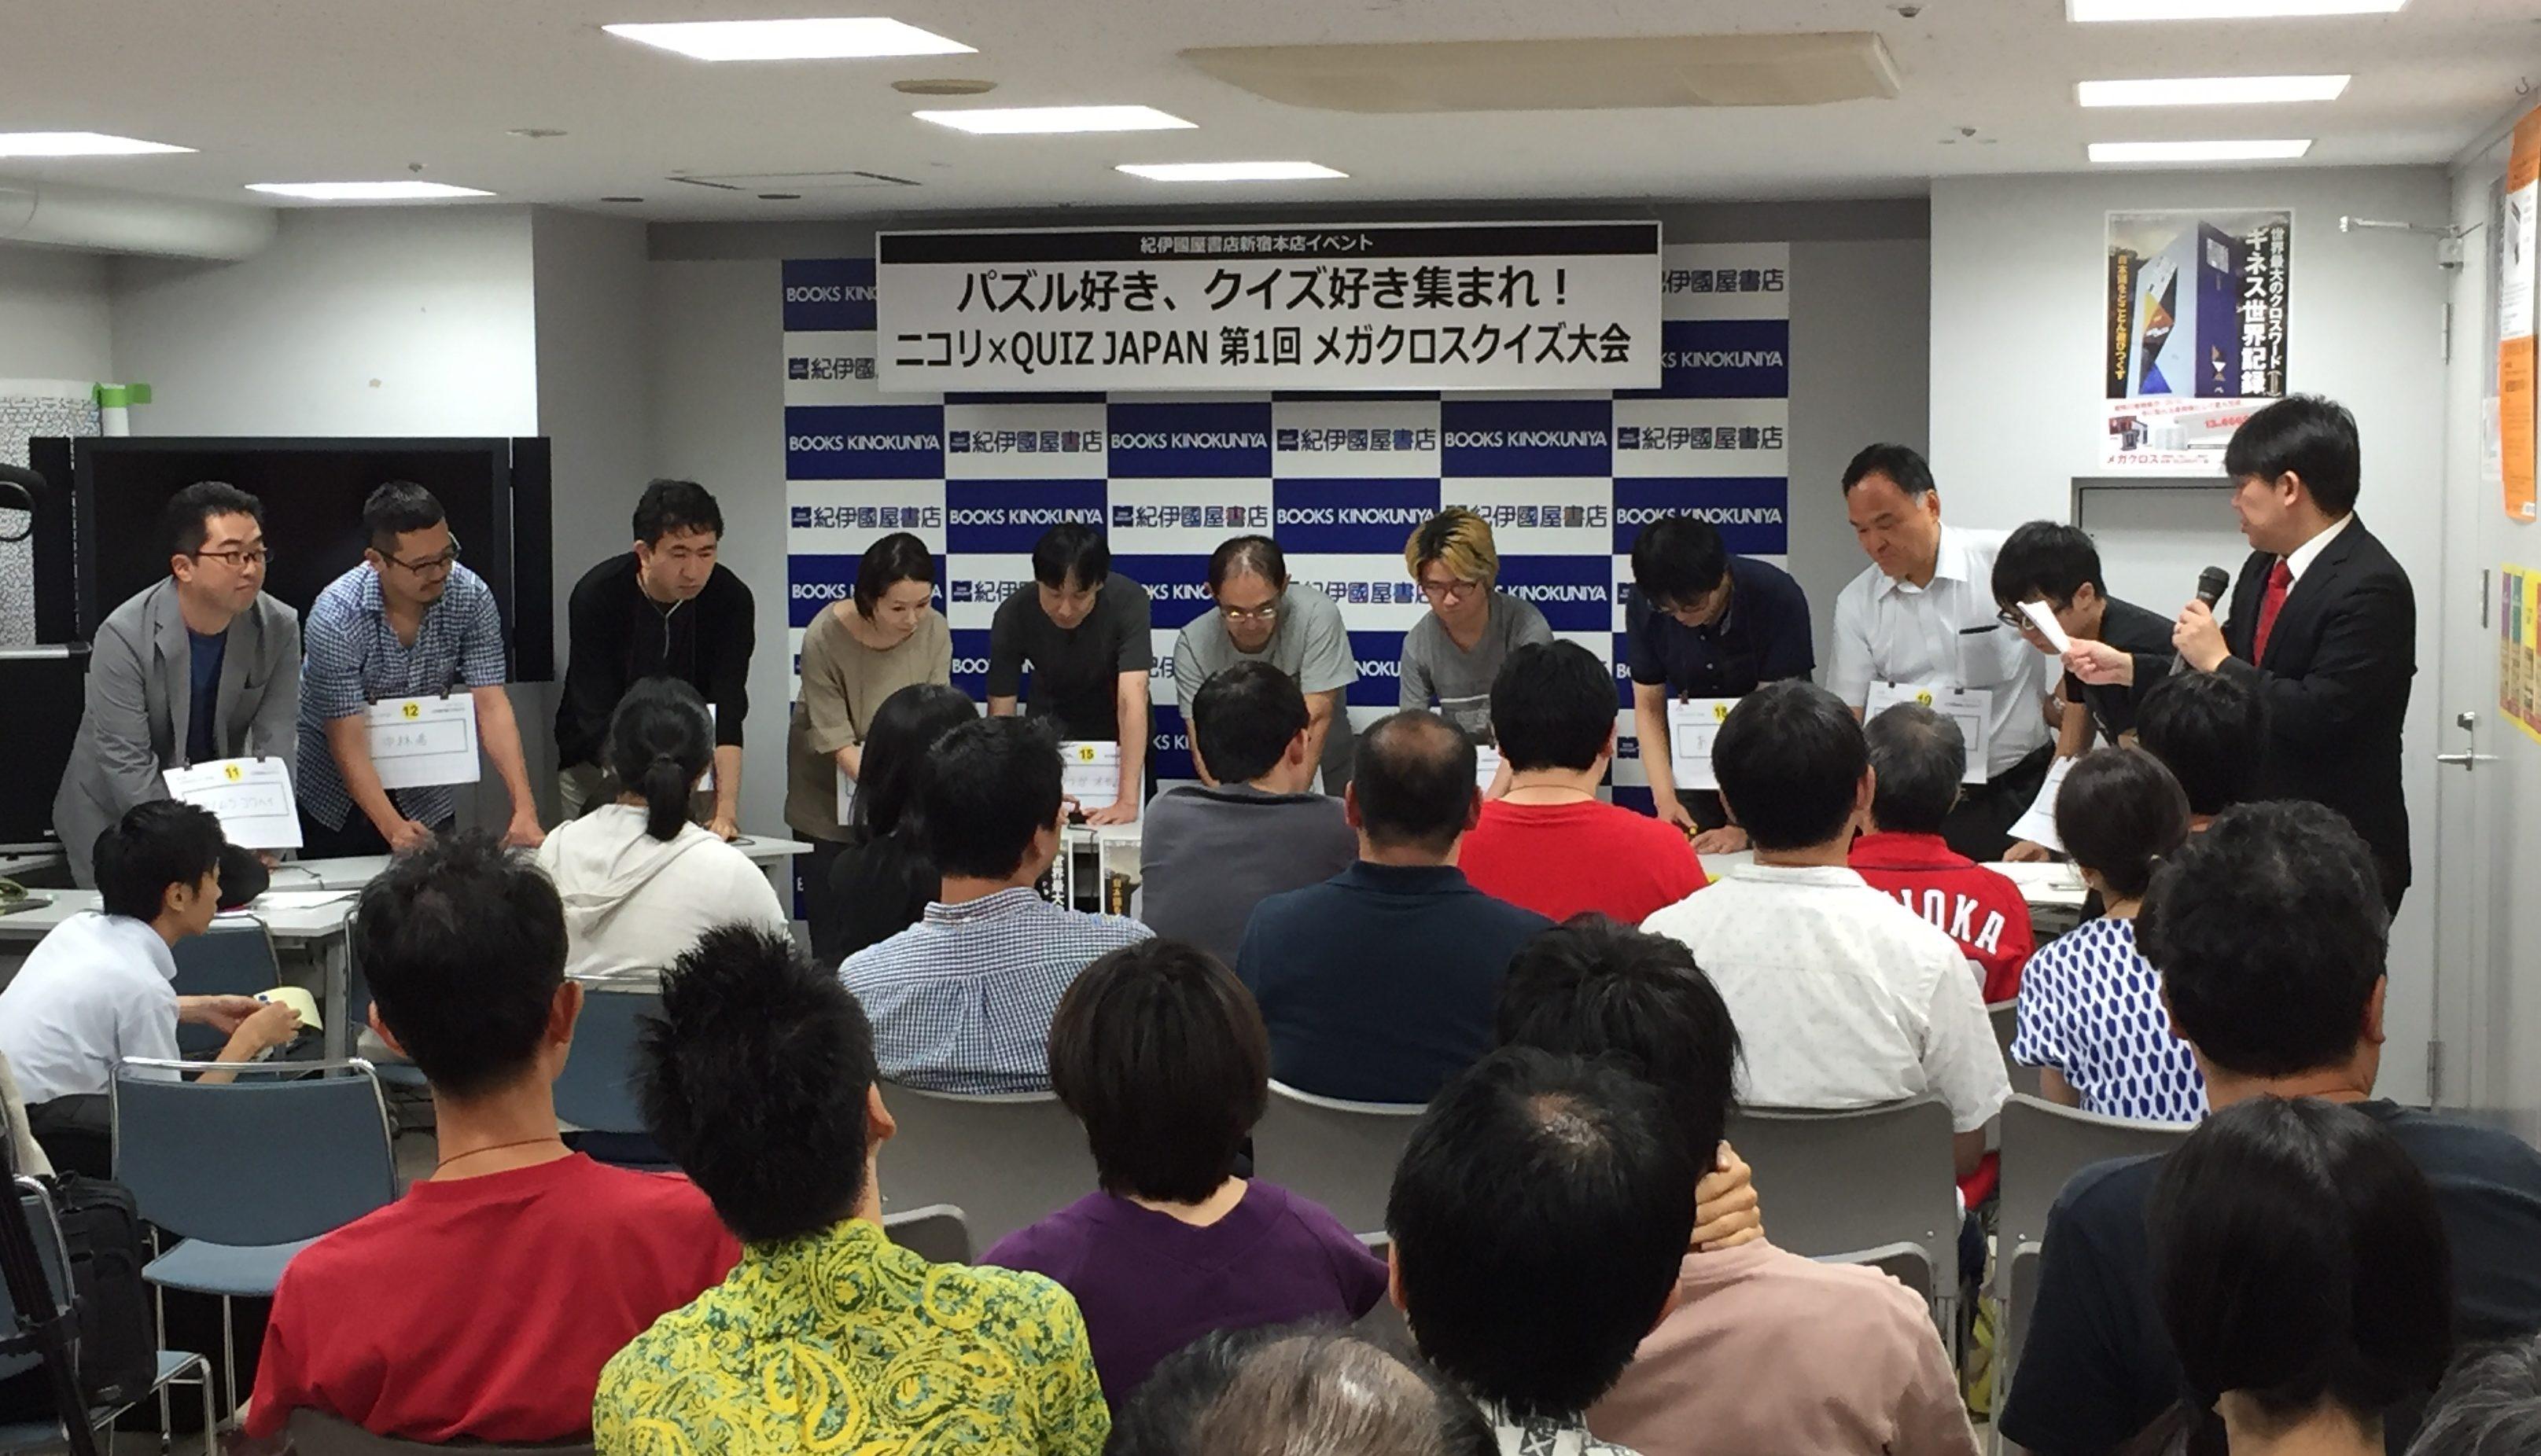 クロスワードパズルとクイズが融合!「ニコリ×QUIZ JAPAN 第1回メガクロスクイズ大会」レポート